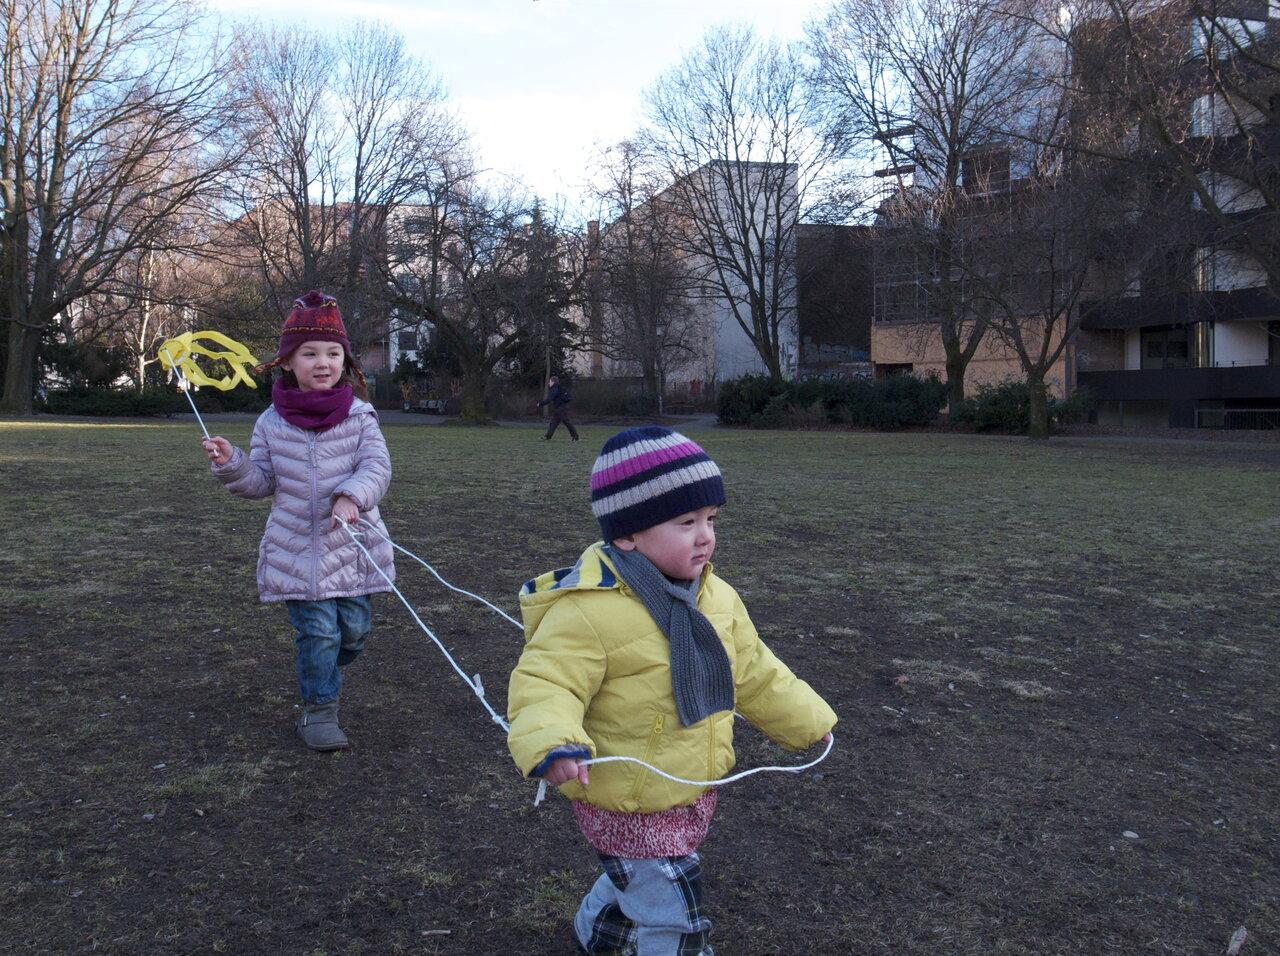 瑠南ちゃん5才、玲くん3才の頃。近所の公園にて。<br> 写真提供:希代真理子